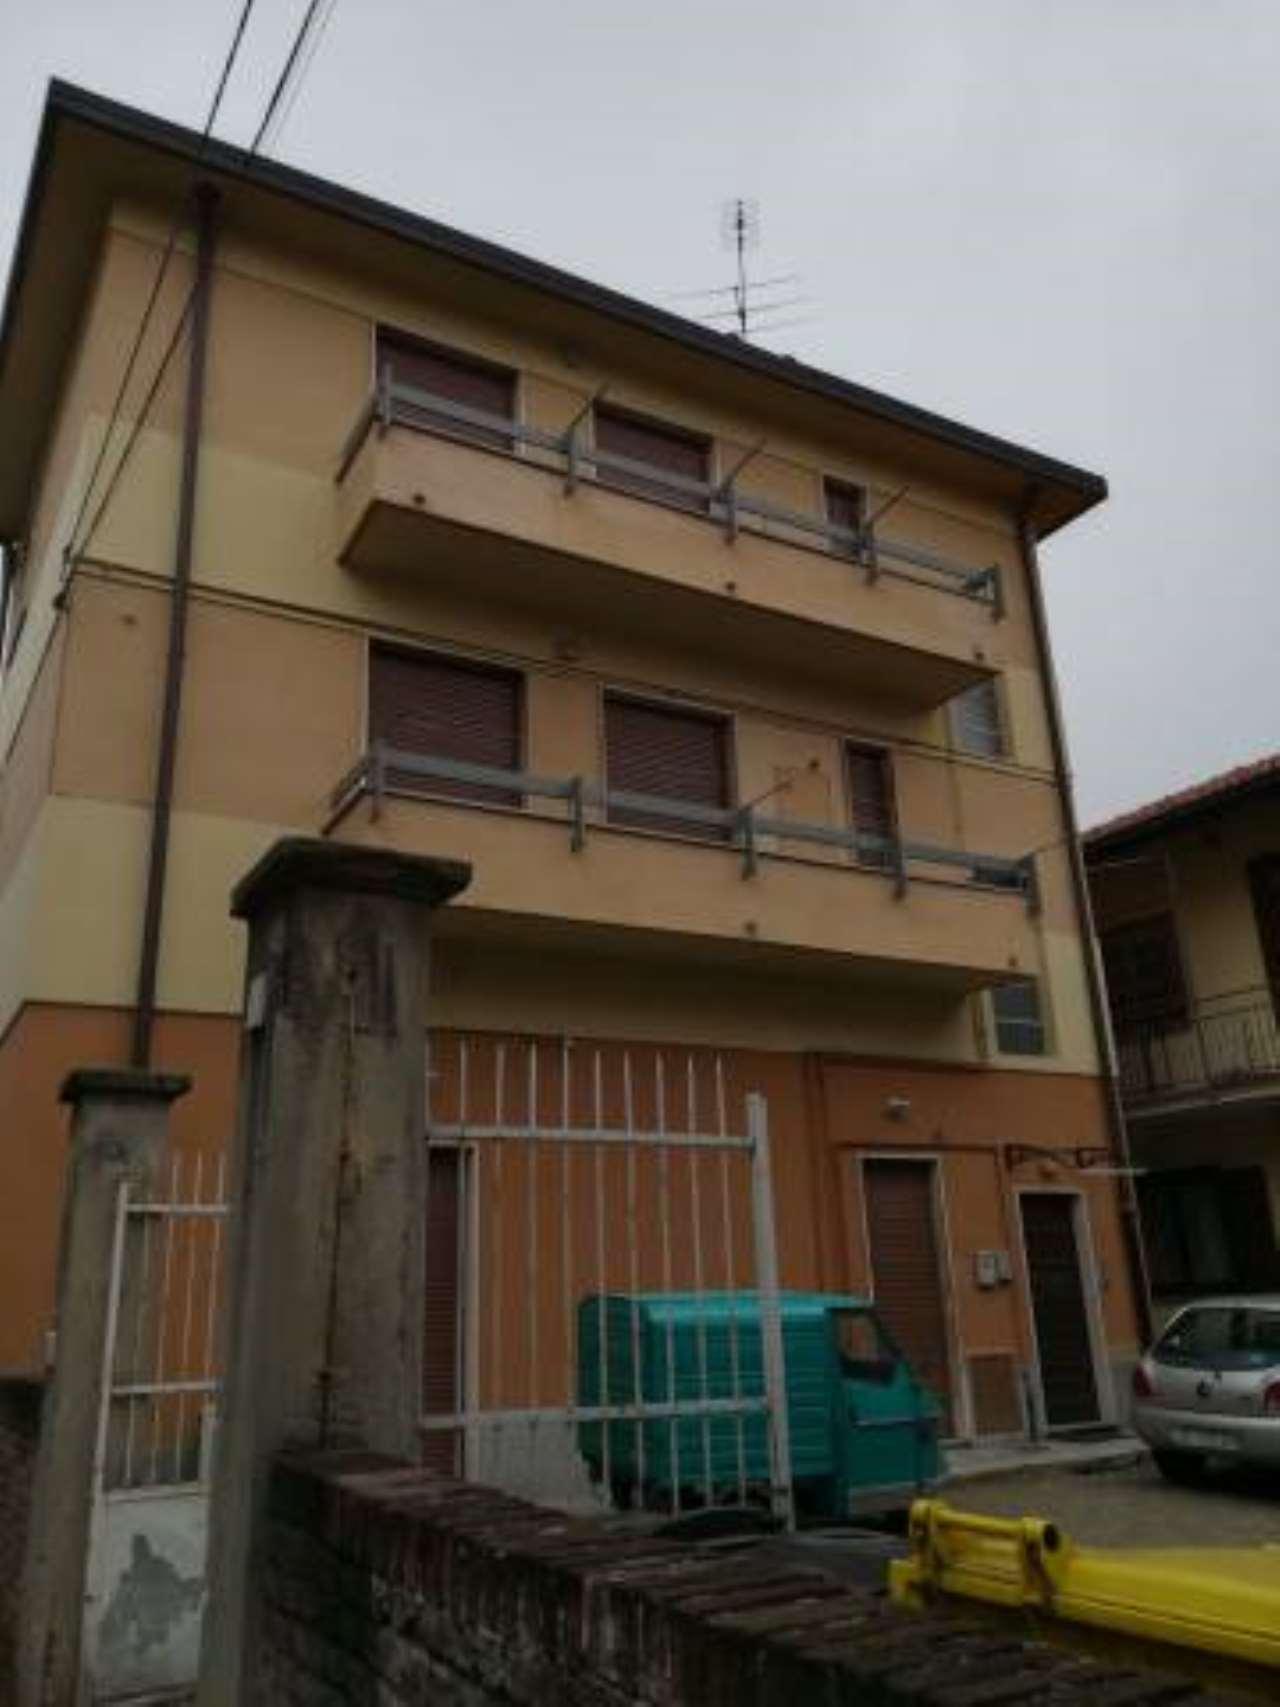 Appartamento in vendita a Settimo Torinese, 2 locali, prezzo € 89.000 | CambioCasa.it